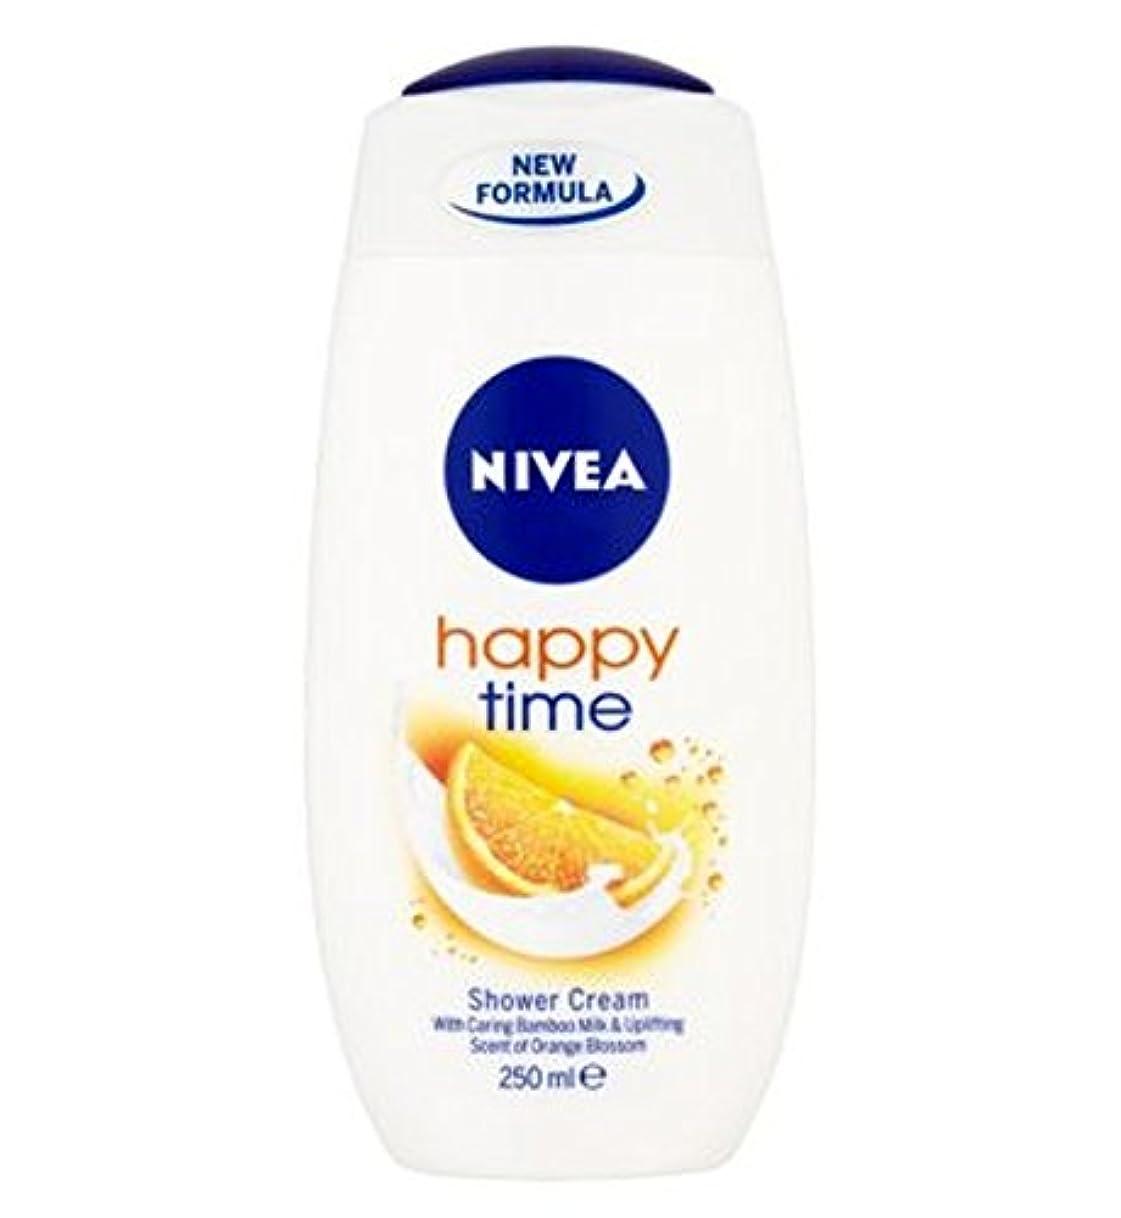 を除く冗長バルブニベア幸せな時間シャワークリーム250ミリリットル (Nivea) (x2) - NIVEA Happy Time Shower Cream 250ml (Pack of 2) [並行輸入品]